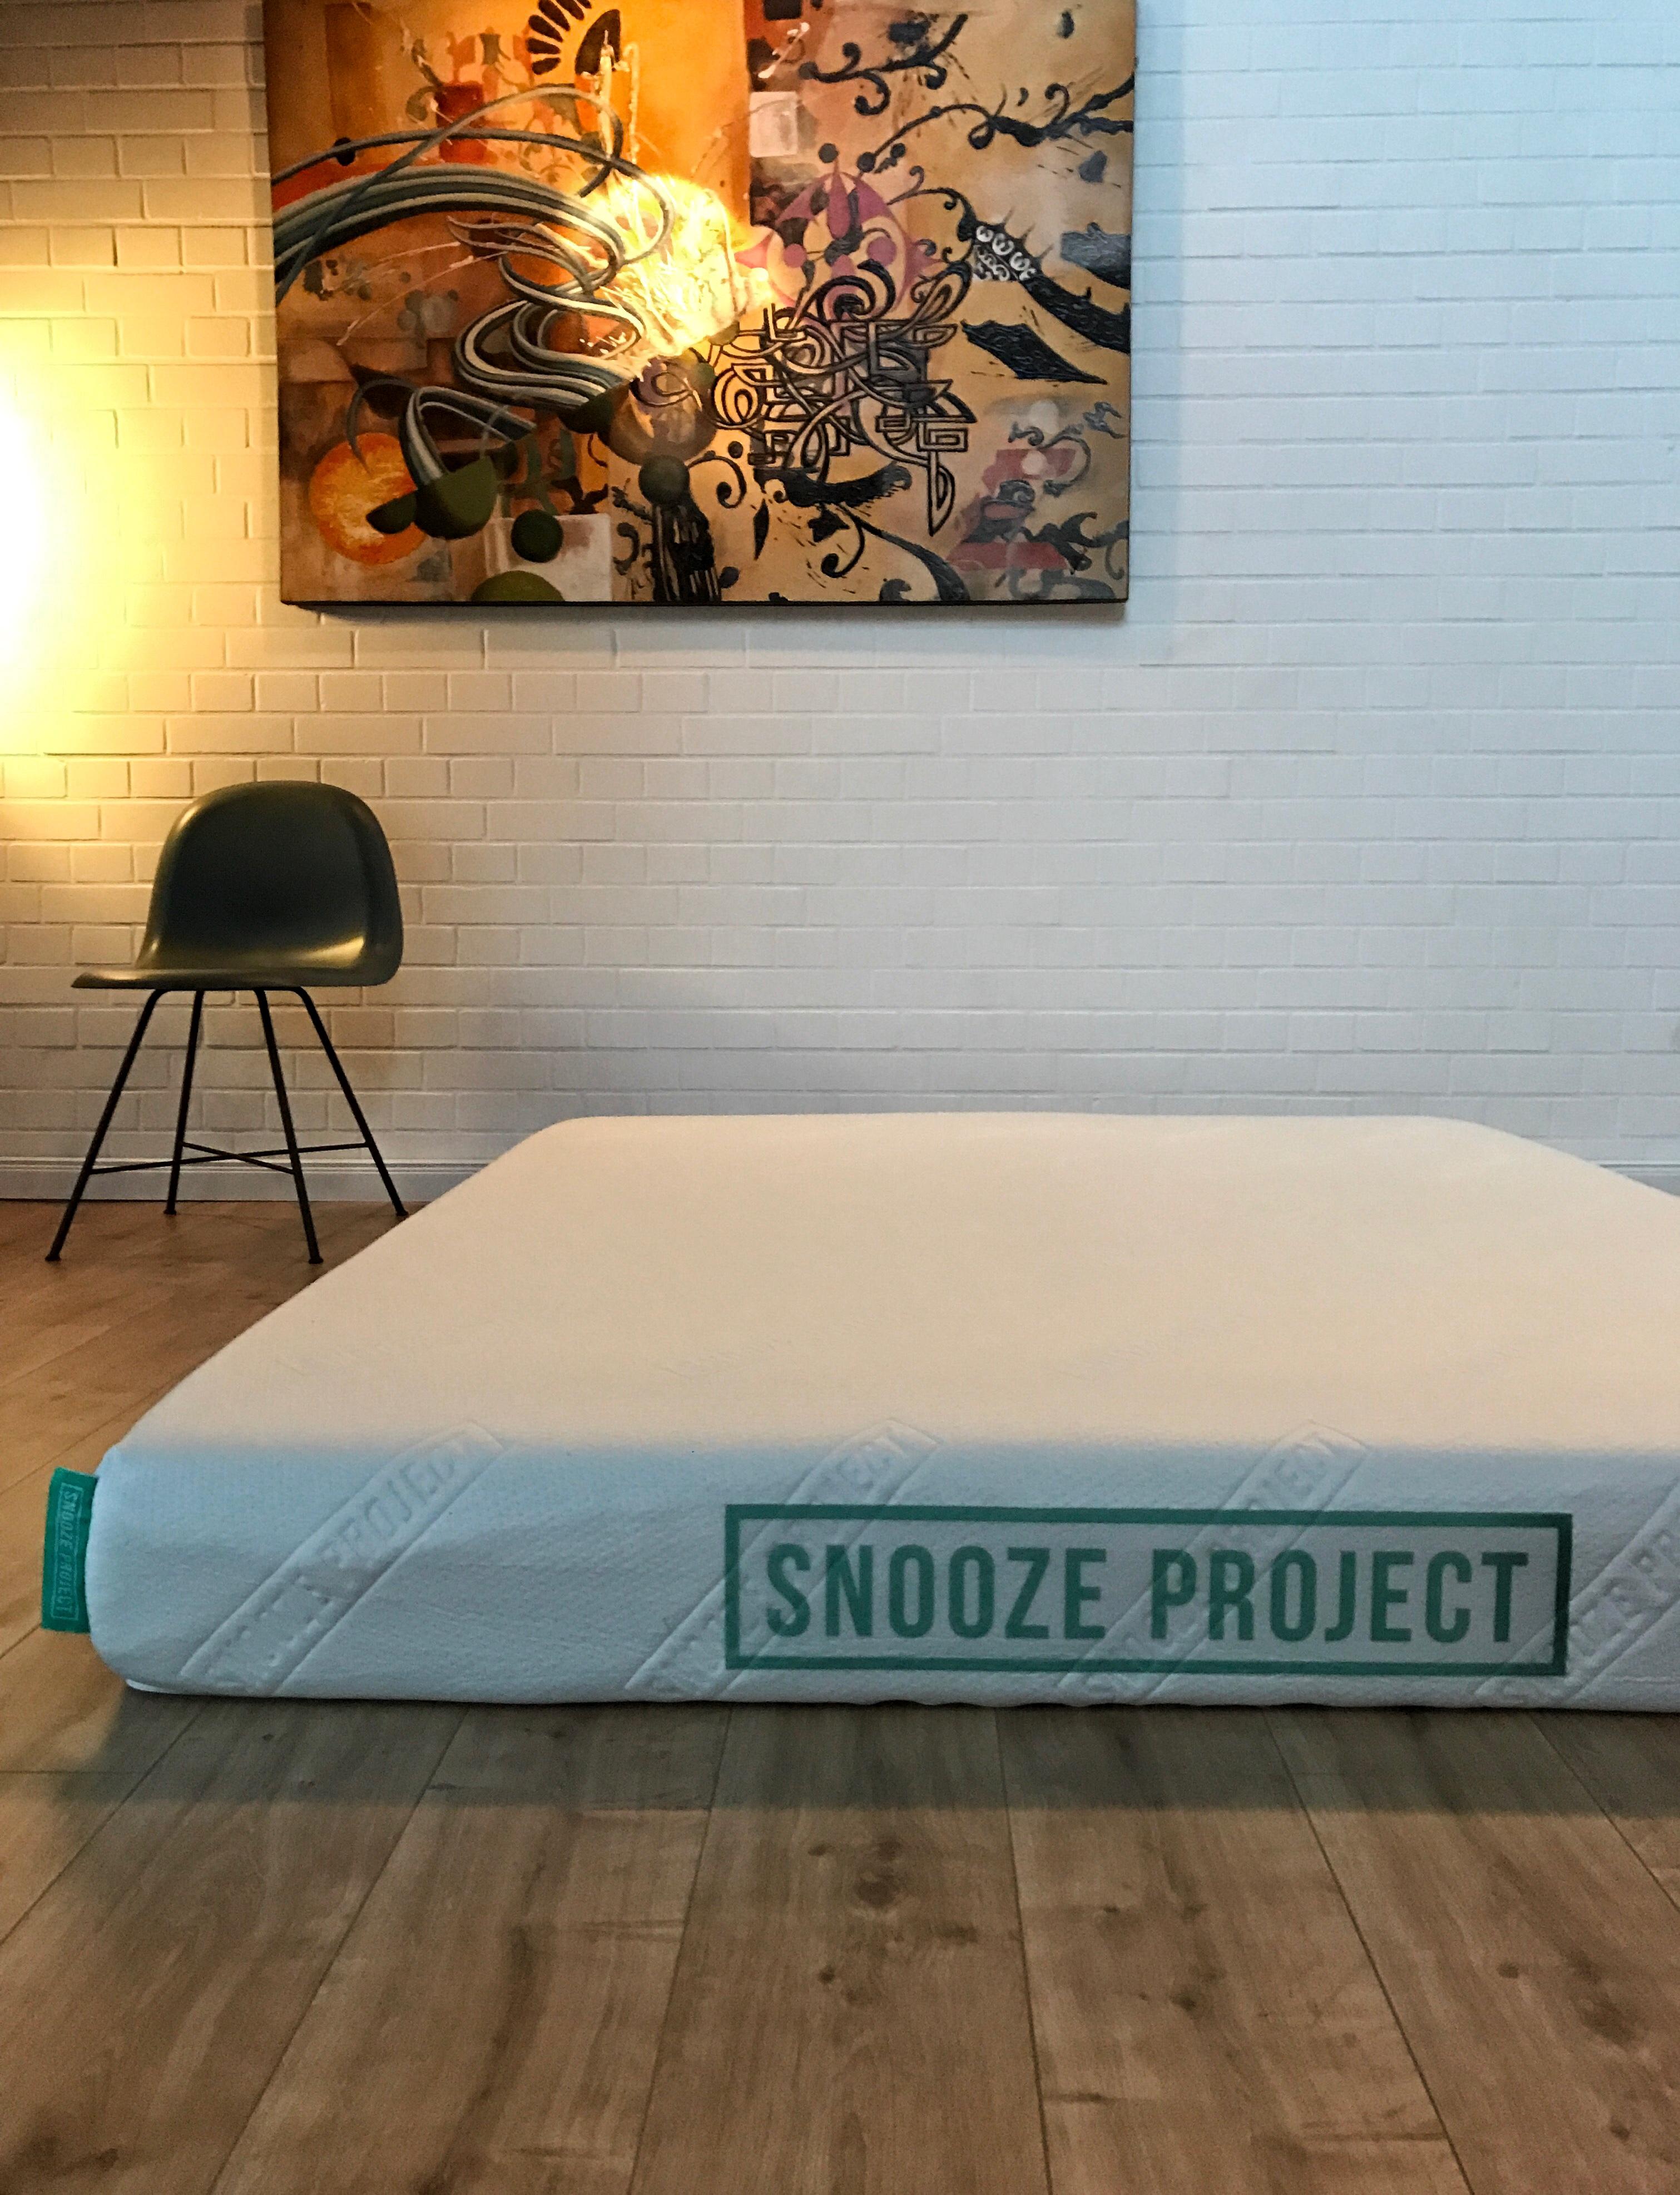 Snooze Project felix kruck x snooze project | felix kruck | yoga // lifestyle | berlin